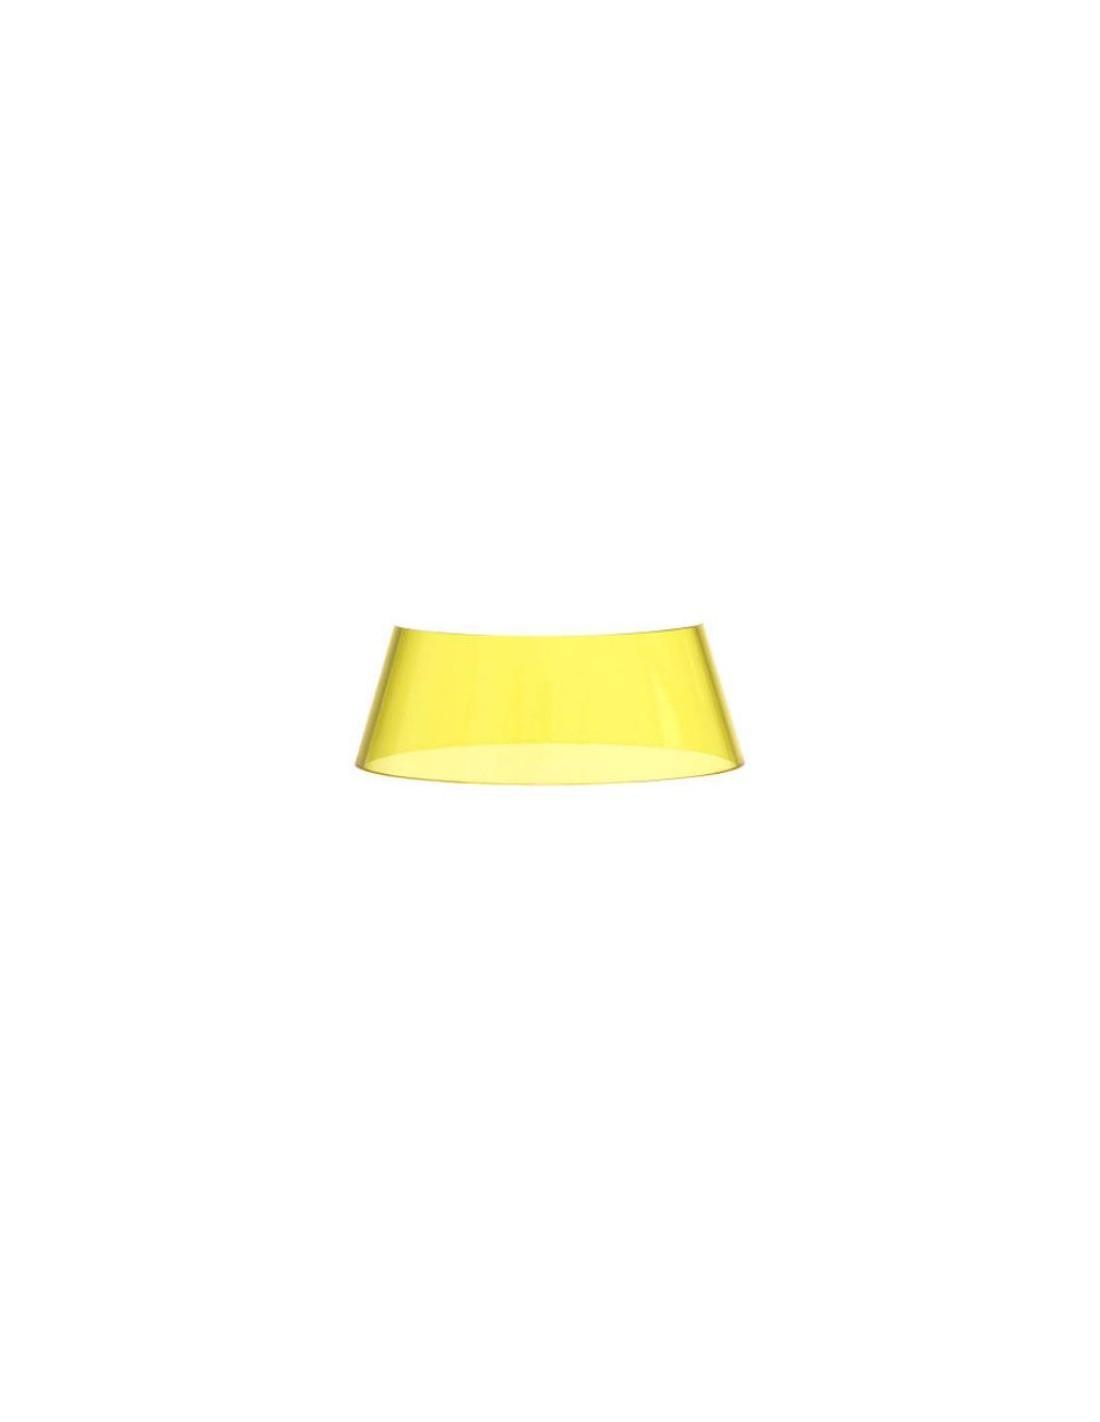 abat jour jaune pour lampe bon jour unplugged de flos. Black Bedroom Furniture Sets. Home Design Ideas